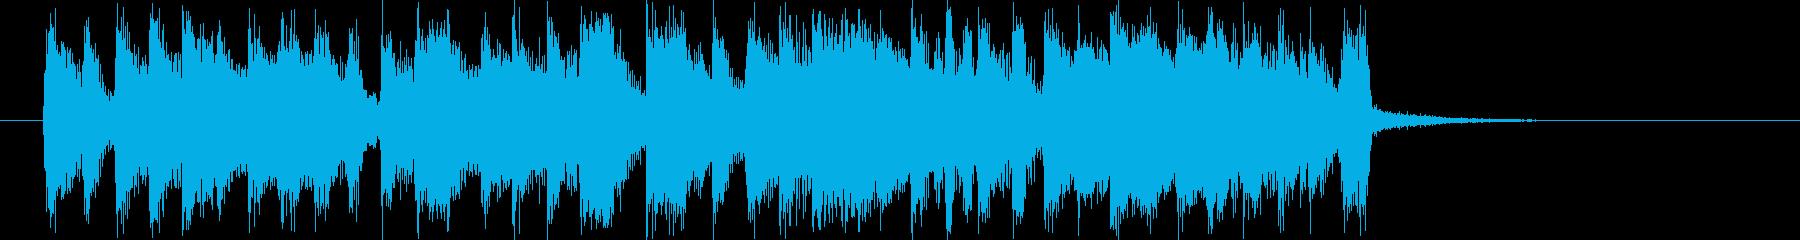 緩やかで軽快なシンセポップジングルの再生済みの波形